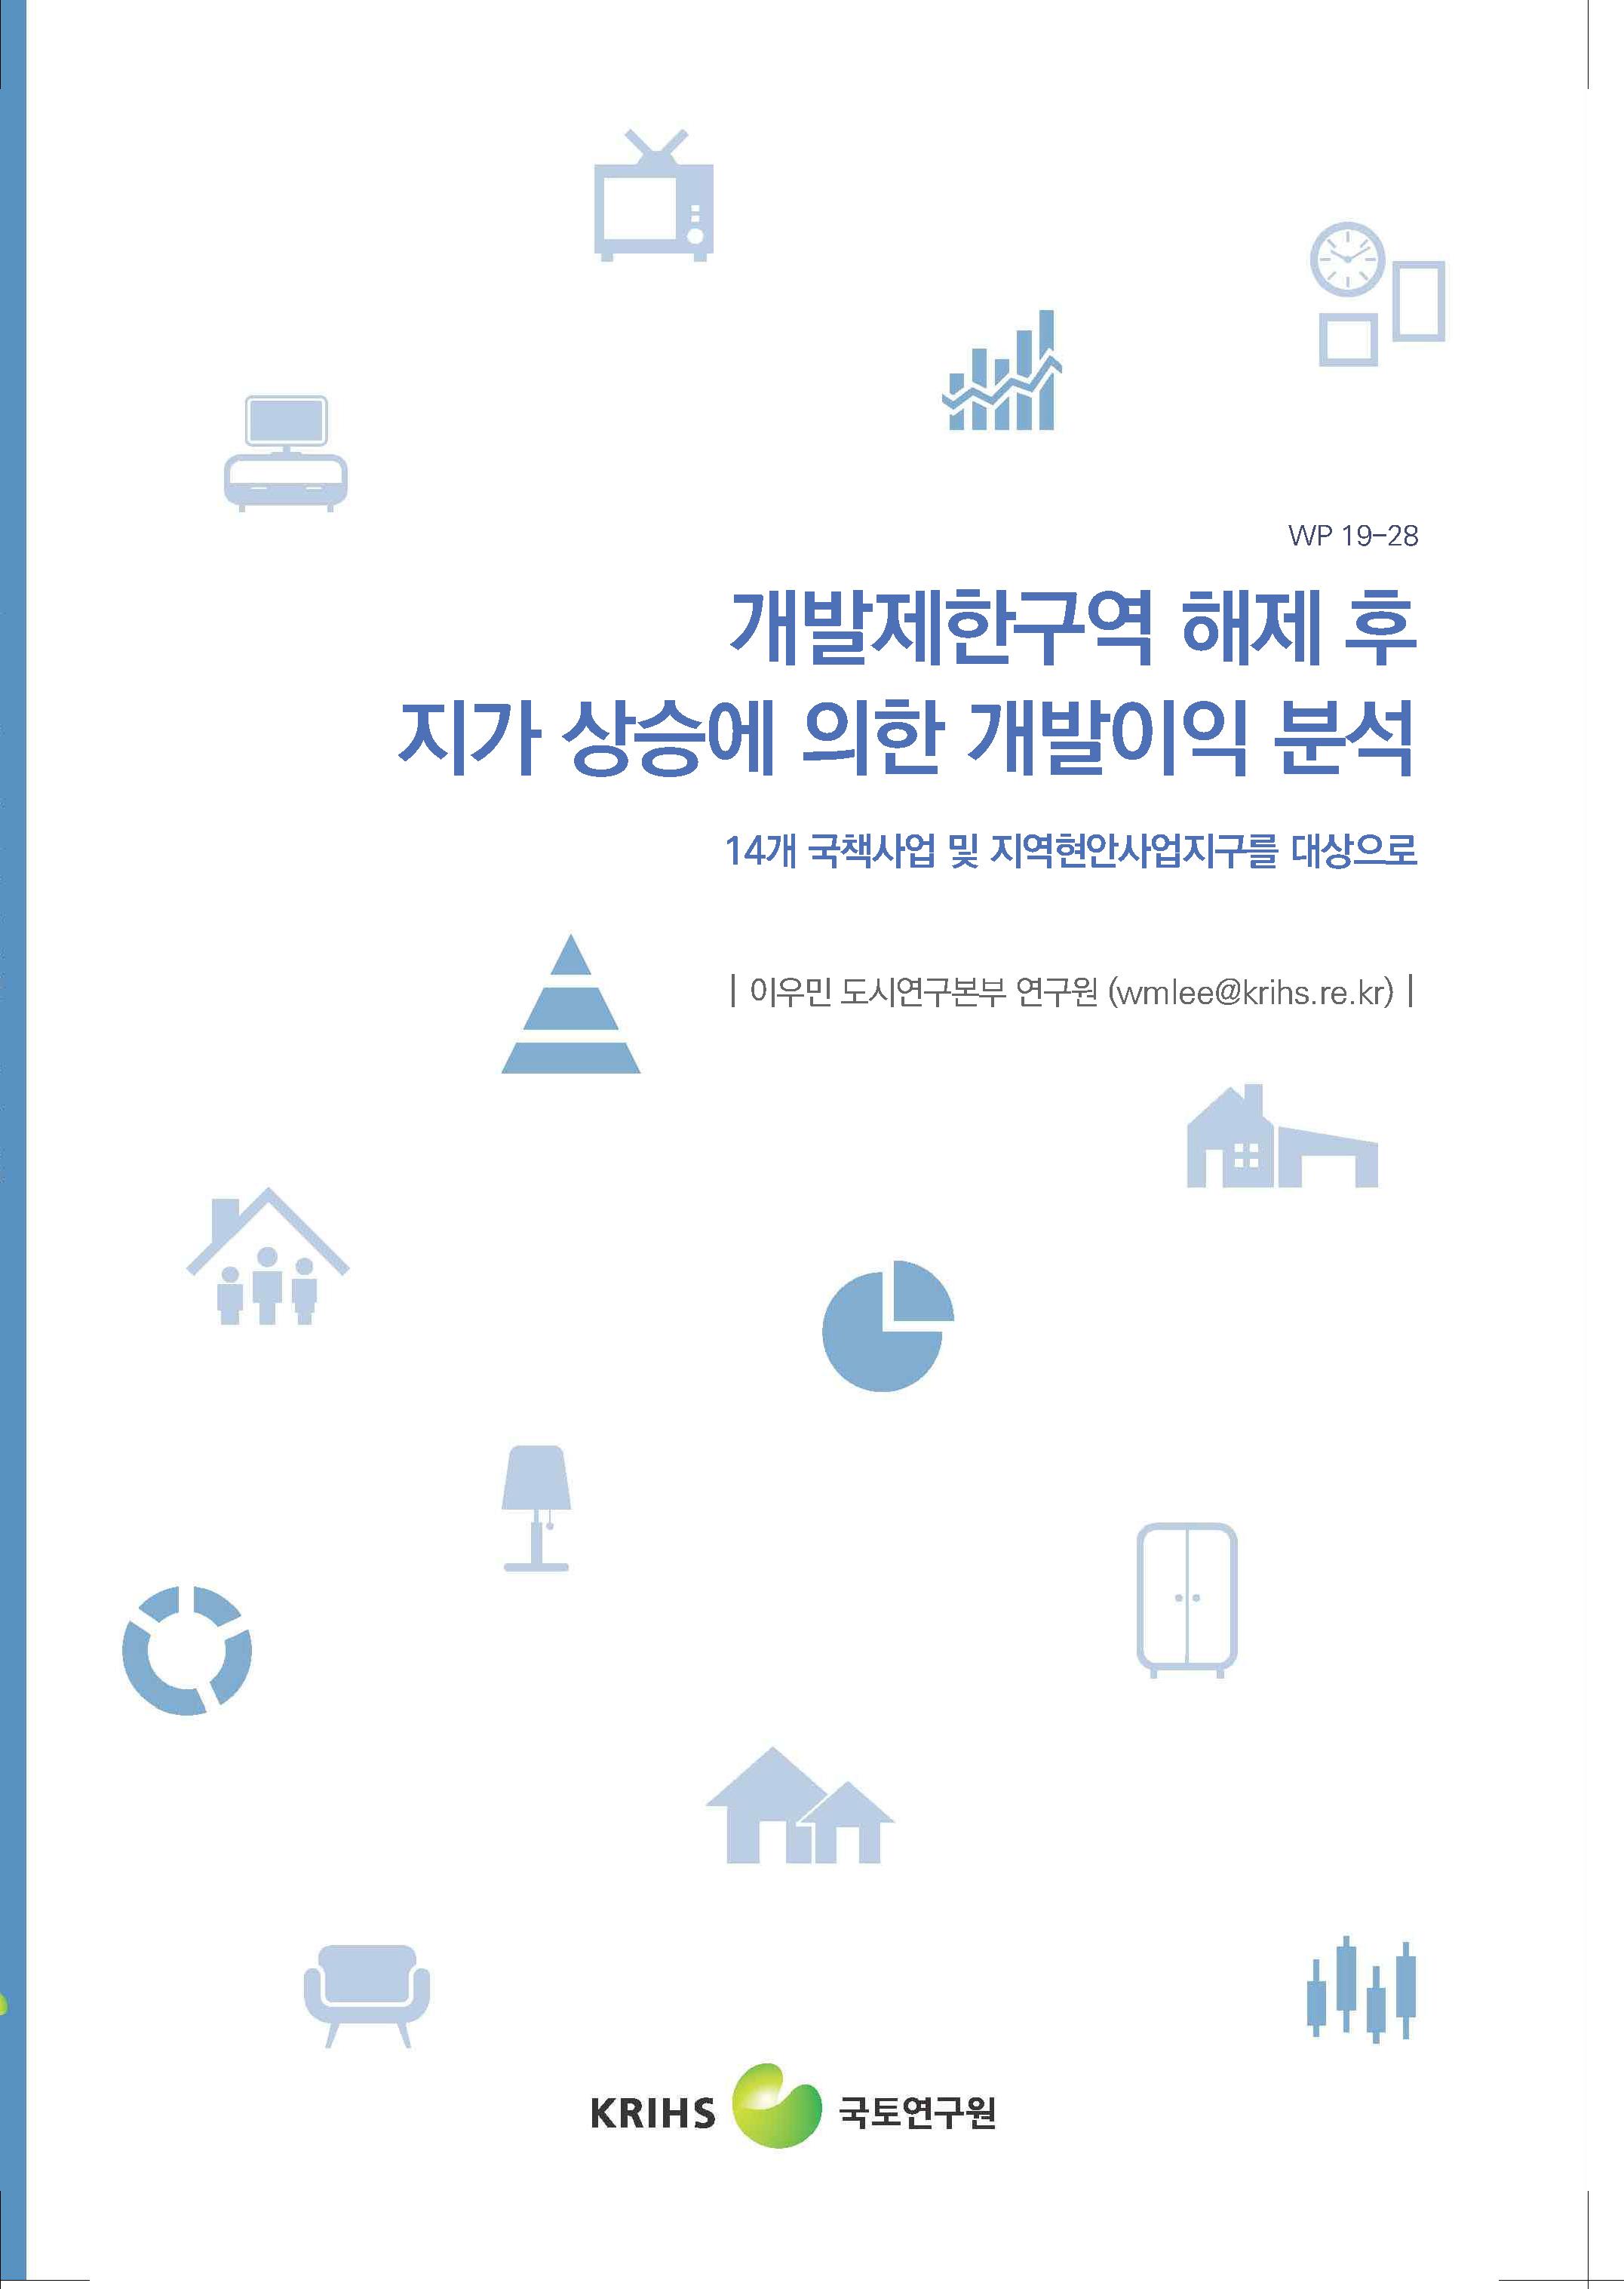 개발제한구역 해제 후 지가 상승에 의한 개발이익 분석: 14개 국책사업 및 지역현안사업지구를 대상으로표지